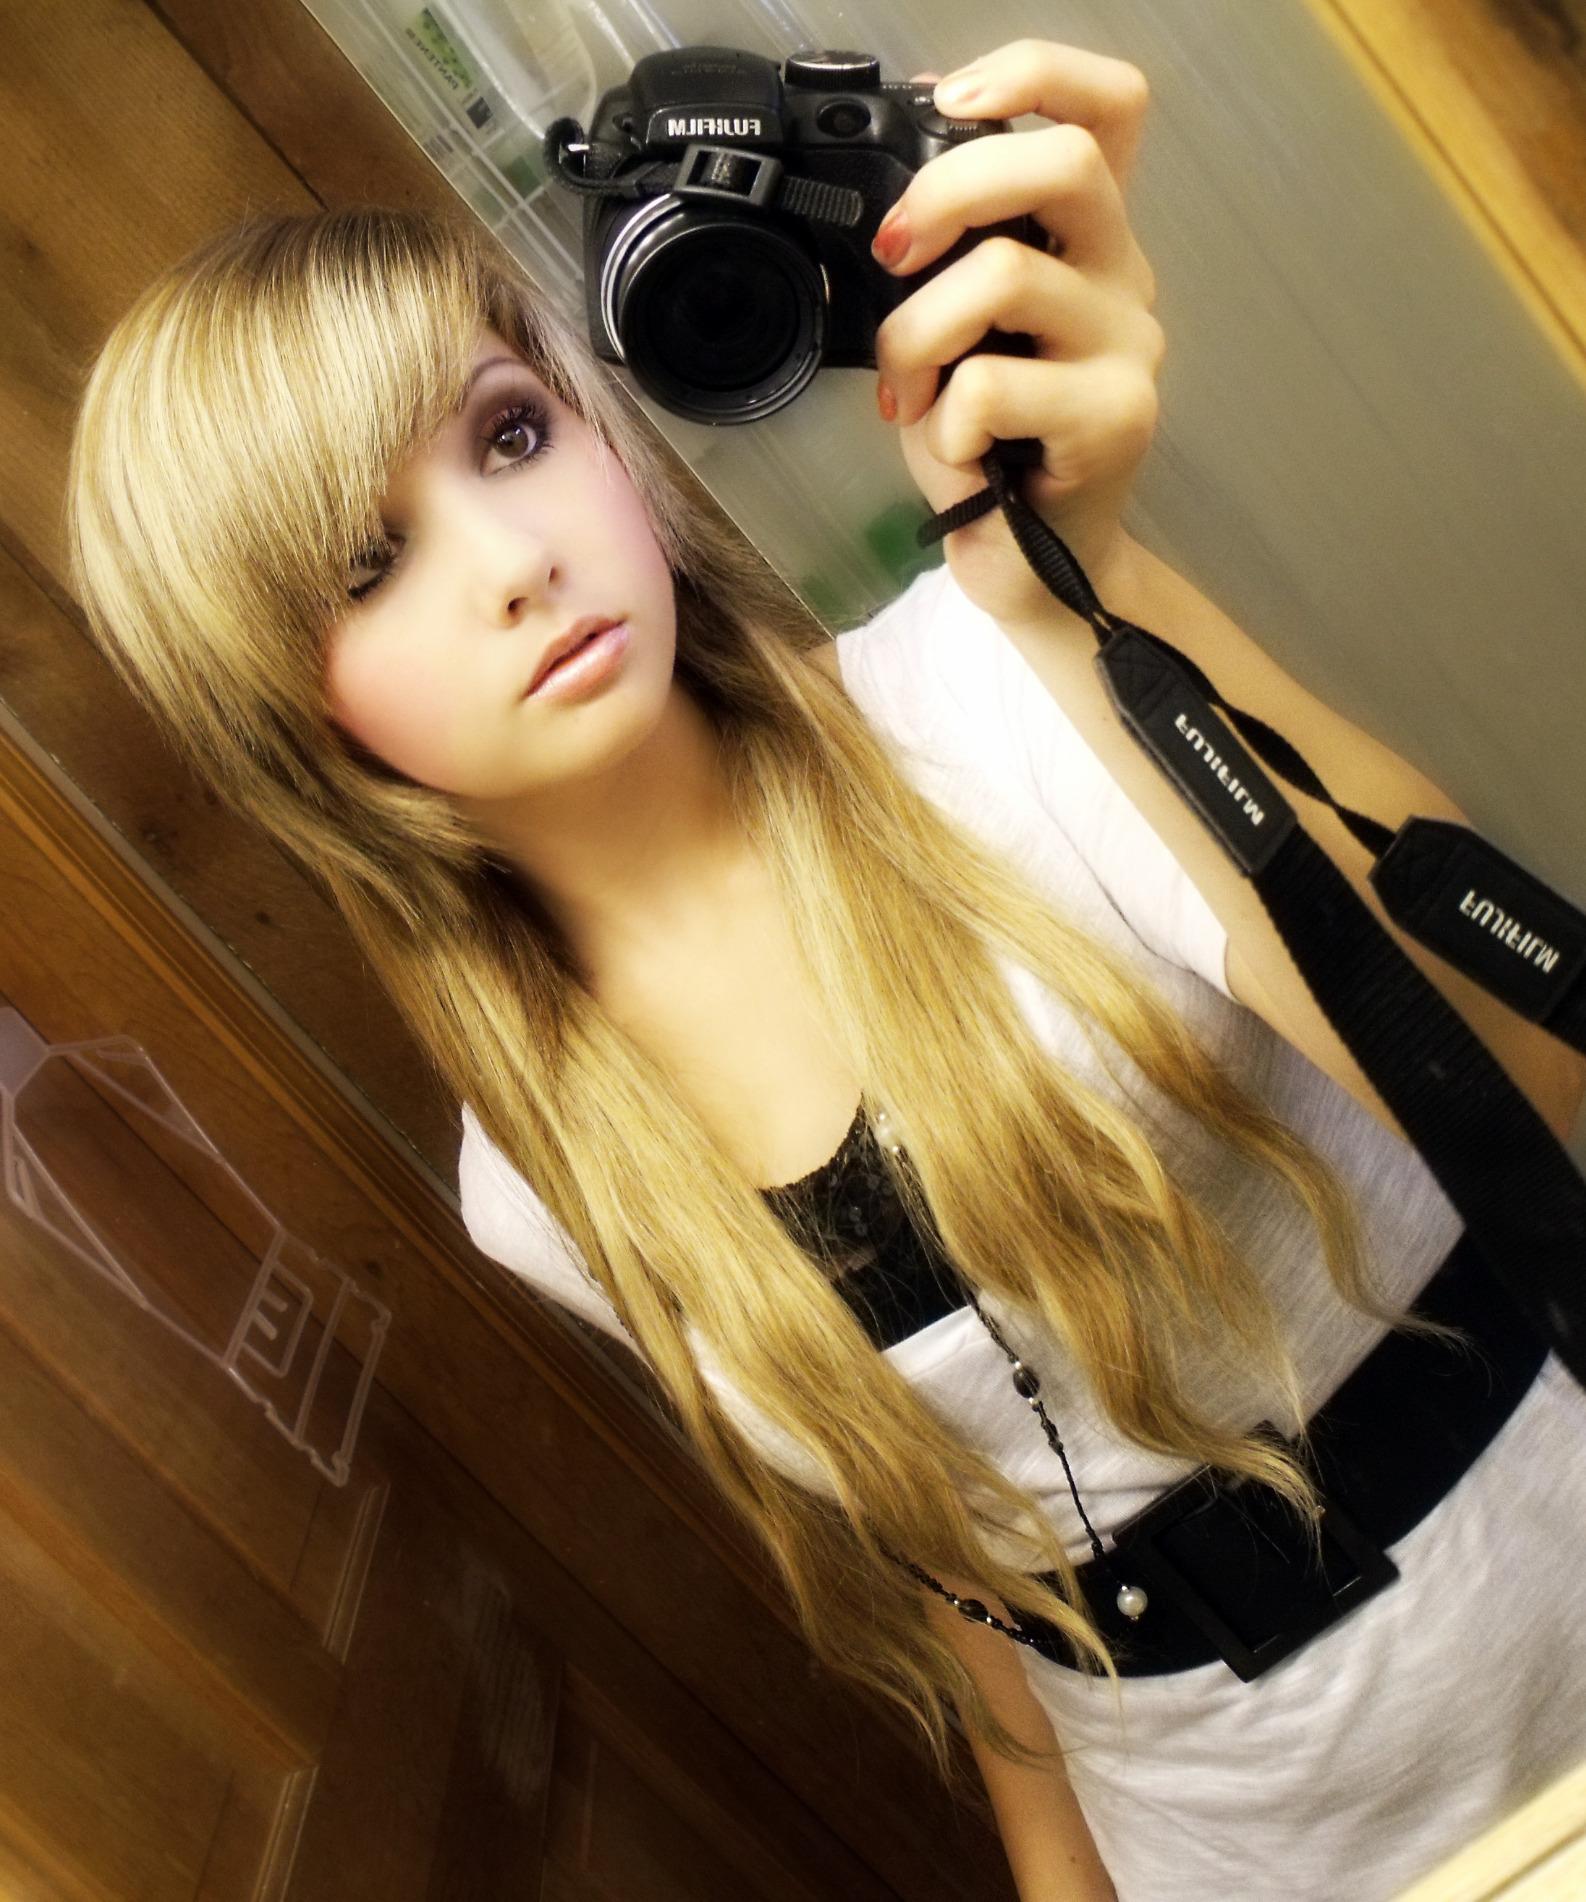 Эмо девочка блондинка фото 7 фотография